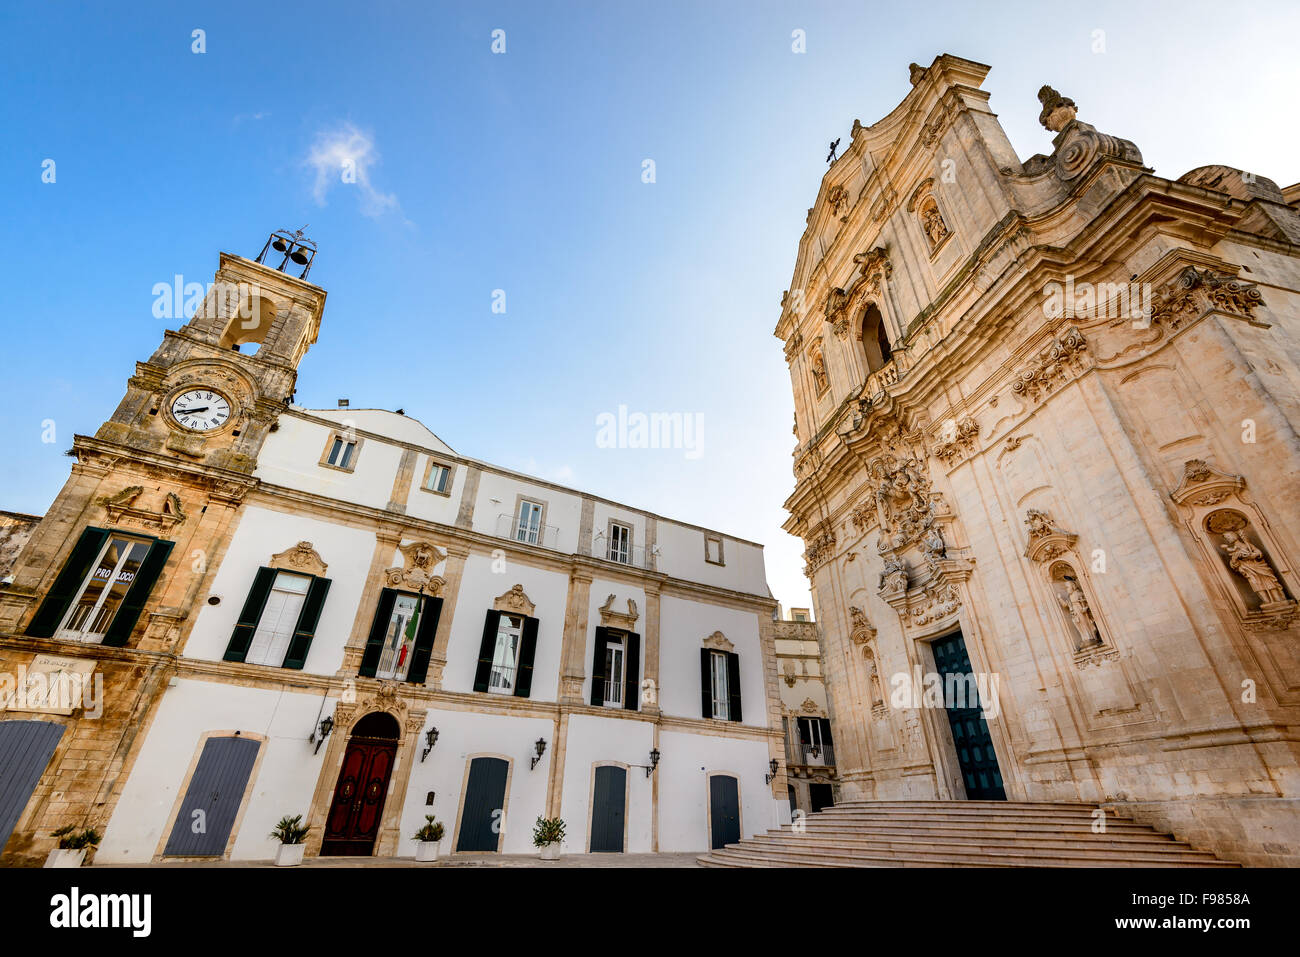 Martina Franca, Puglia. Basilica of San Martino at the Piazza Plebiscito, Taranto province, Apulia in South Italy. - Stock Image